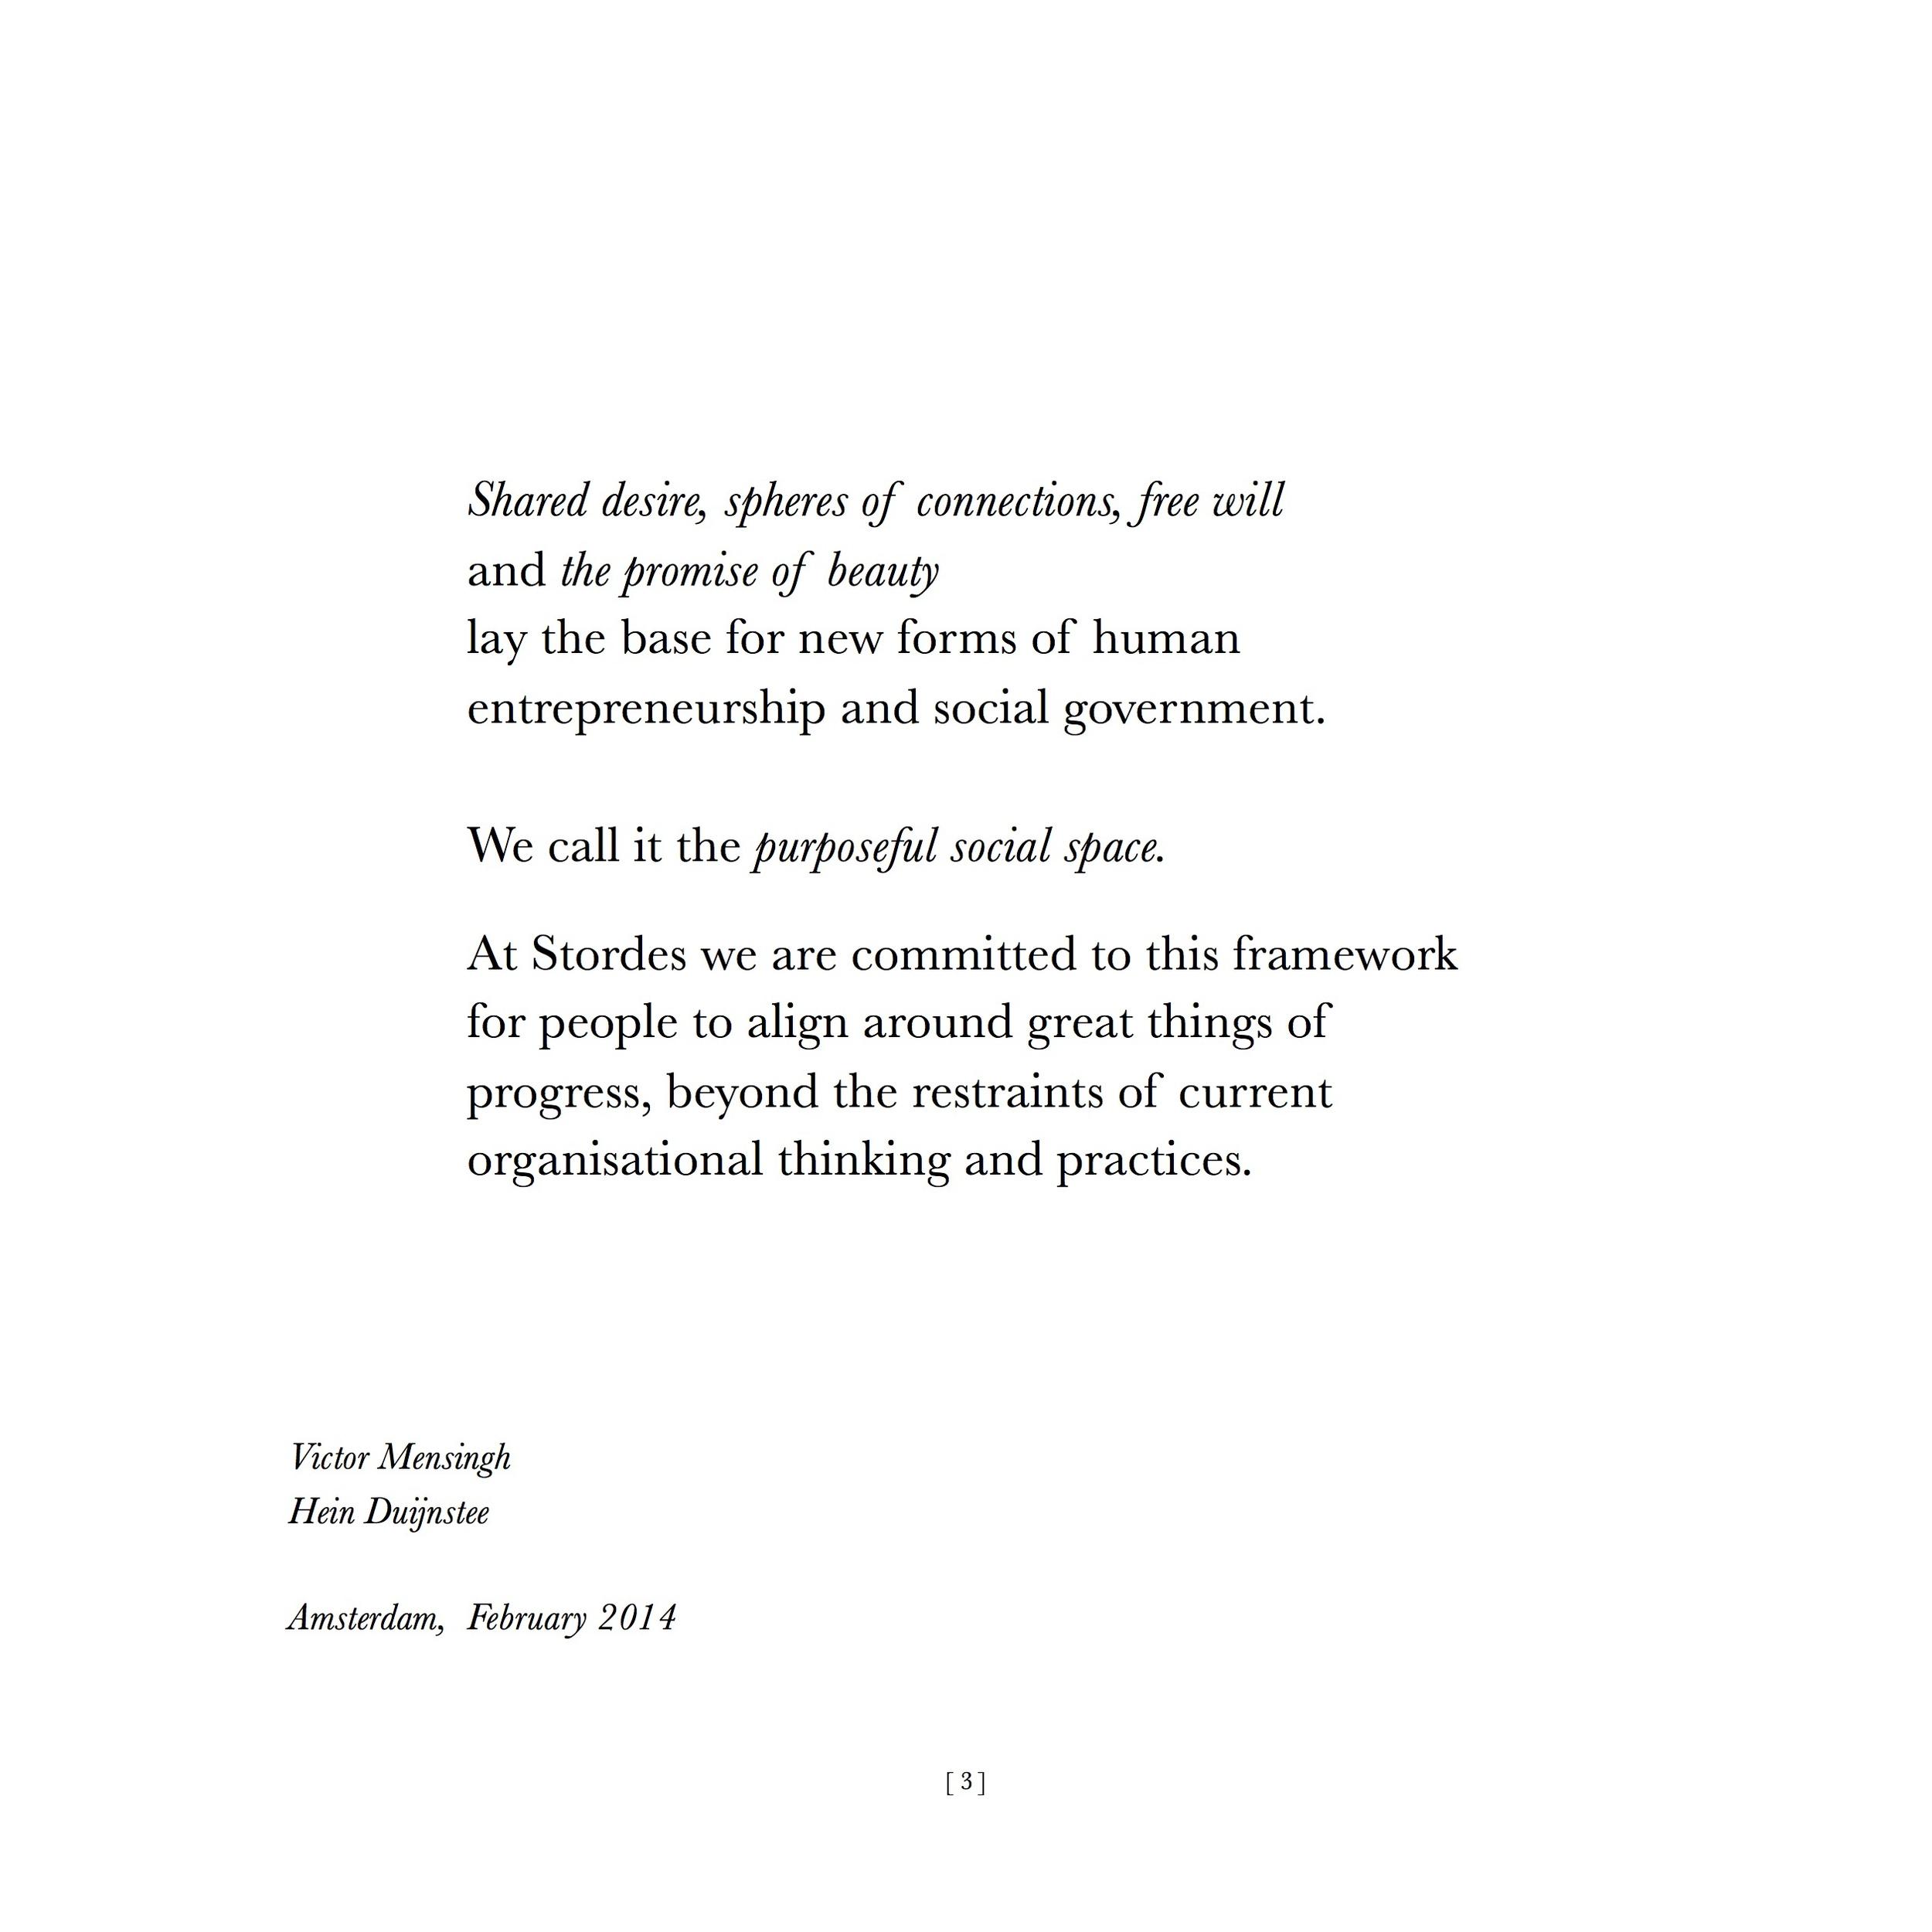 Manifesto v09.1.1 p3.jpg